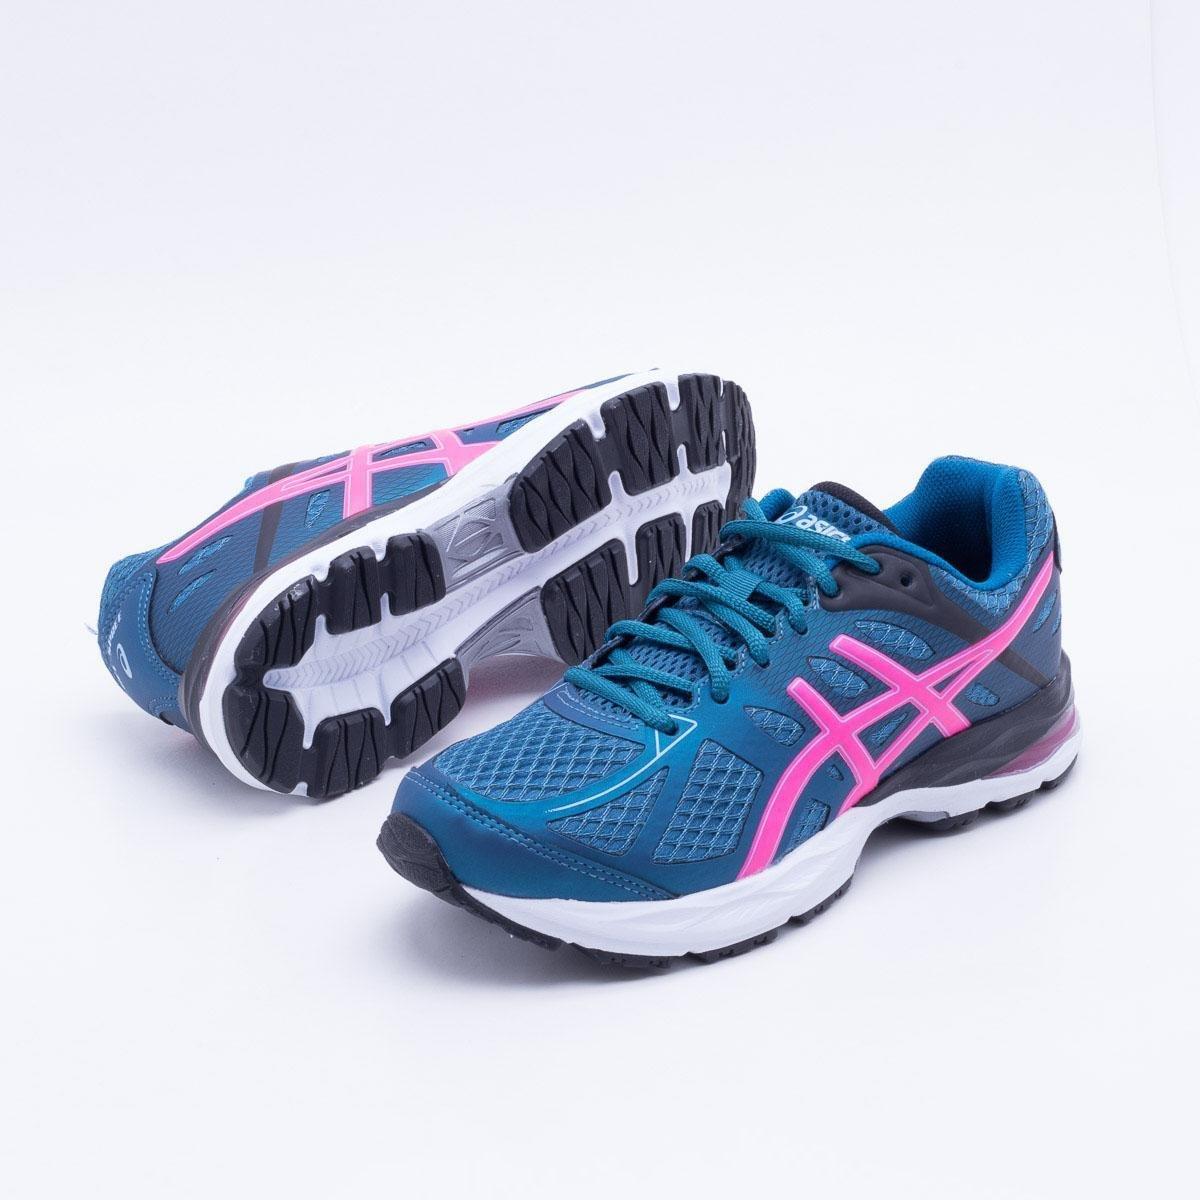 3687b9a0d4 Tênis Asics Gel Spree Feminino - Azul e Rosa - Compre Agora